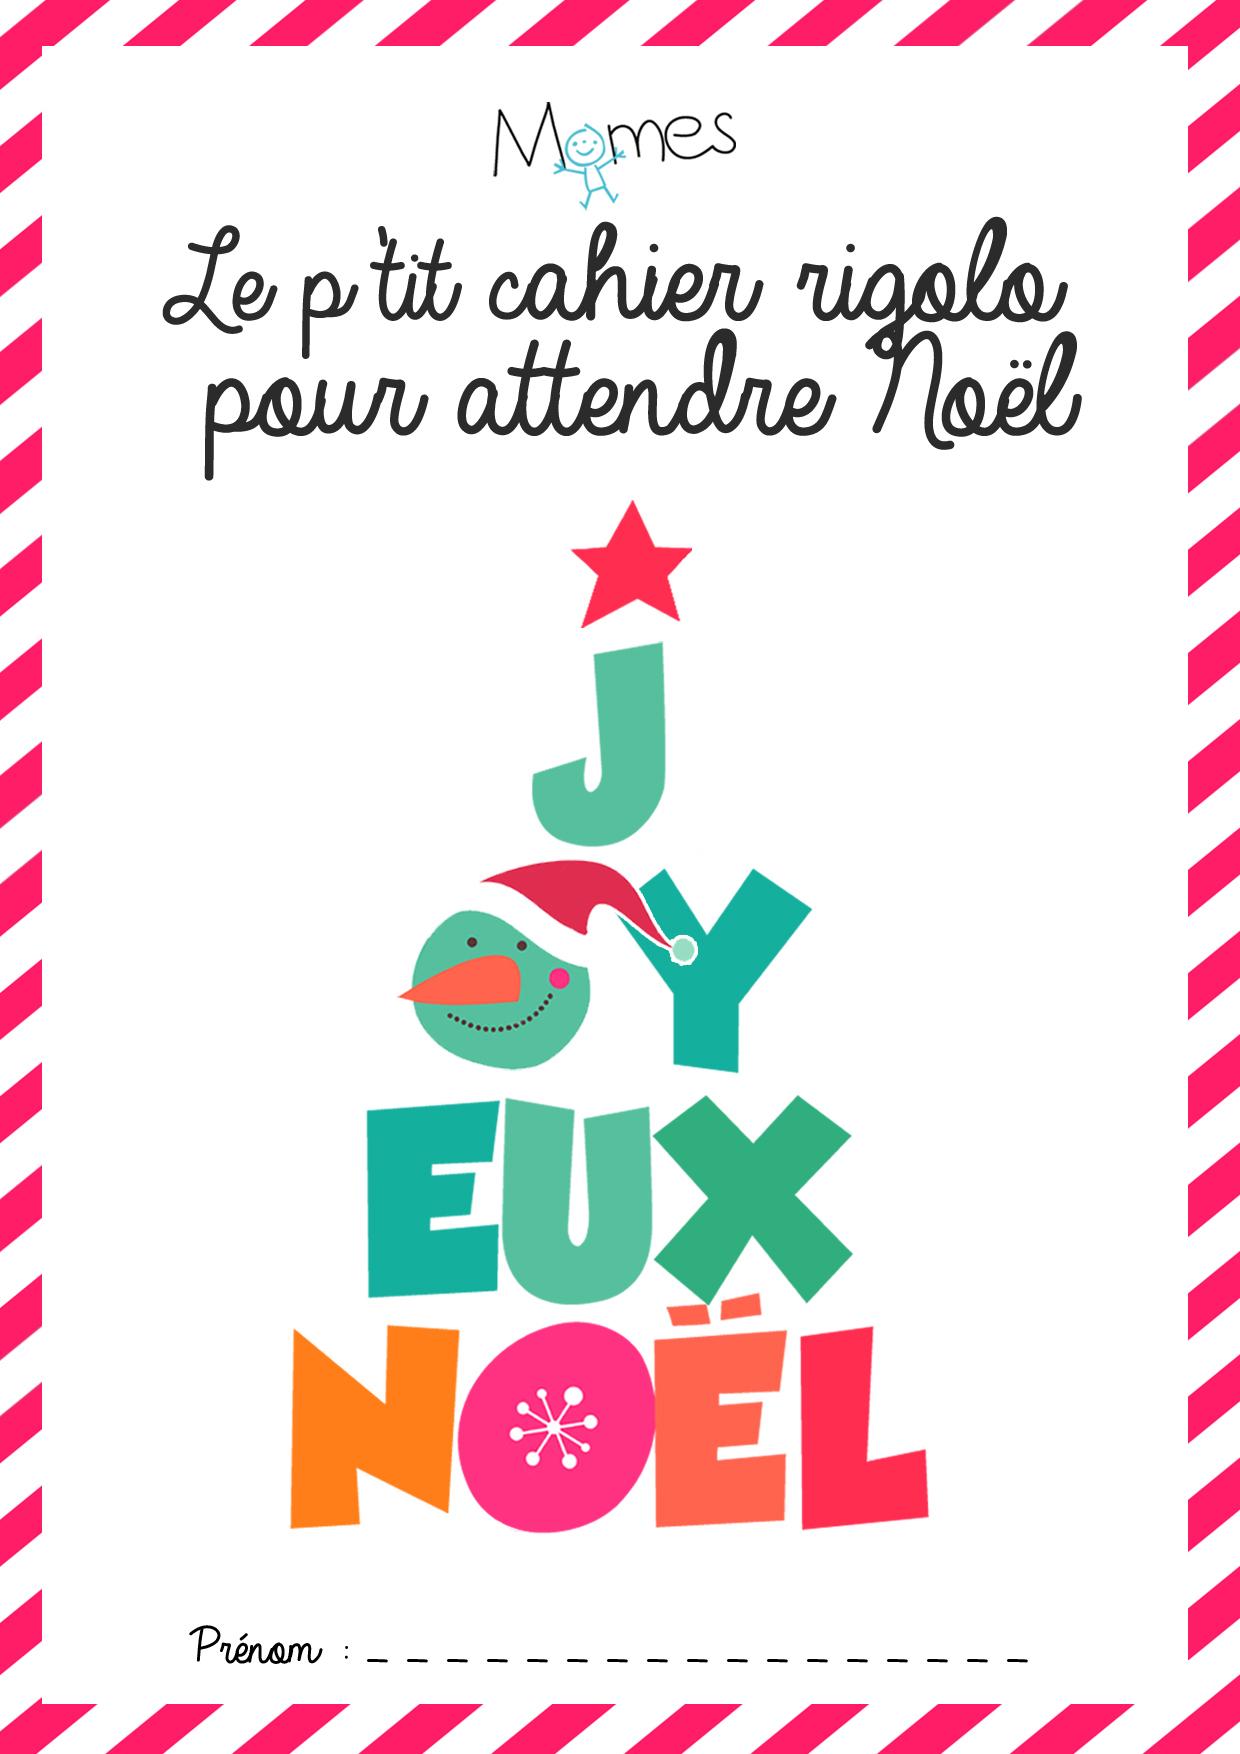 Le Cahier D'activités De Noël À Imprimer - Momes destiné Cahier De Vacances Gratuit A Imprimer 6Eme 5Eme